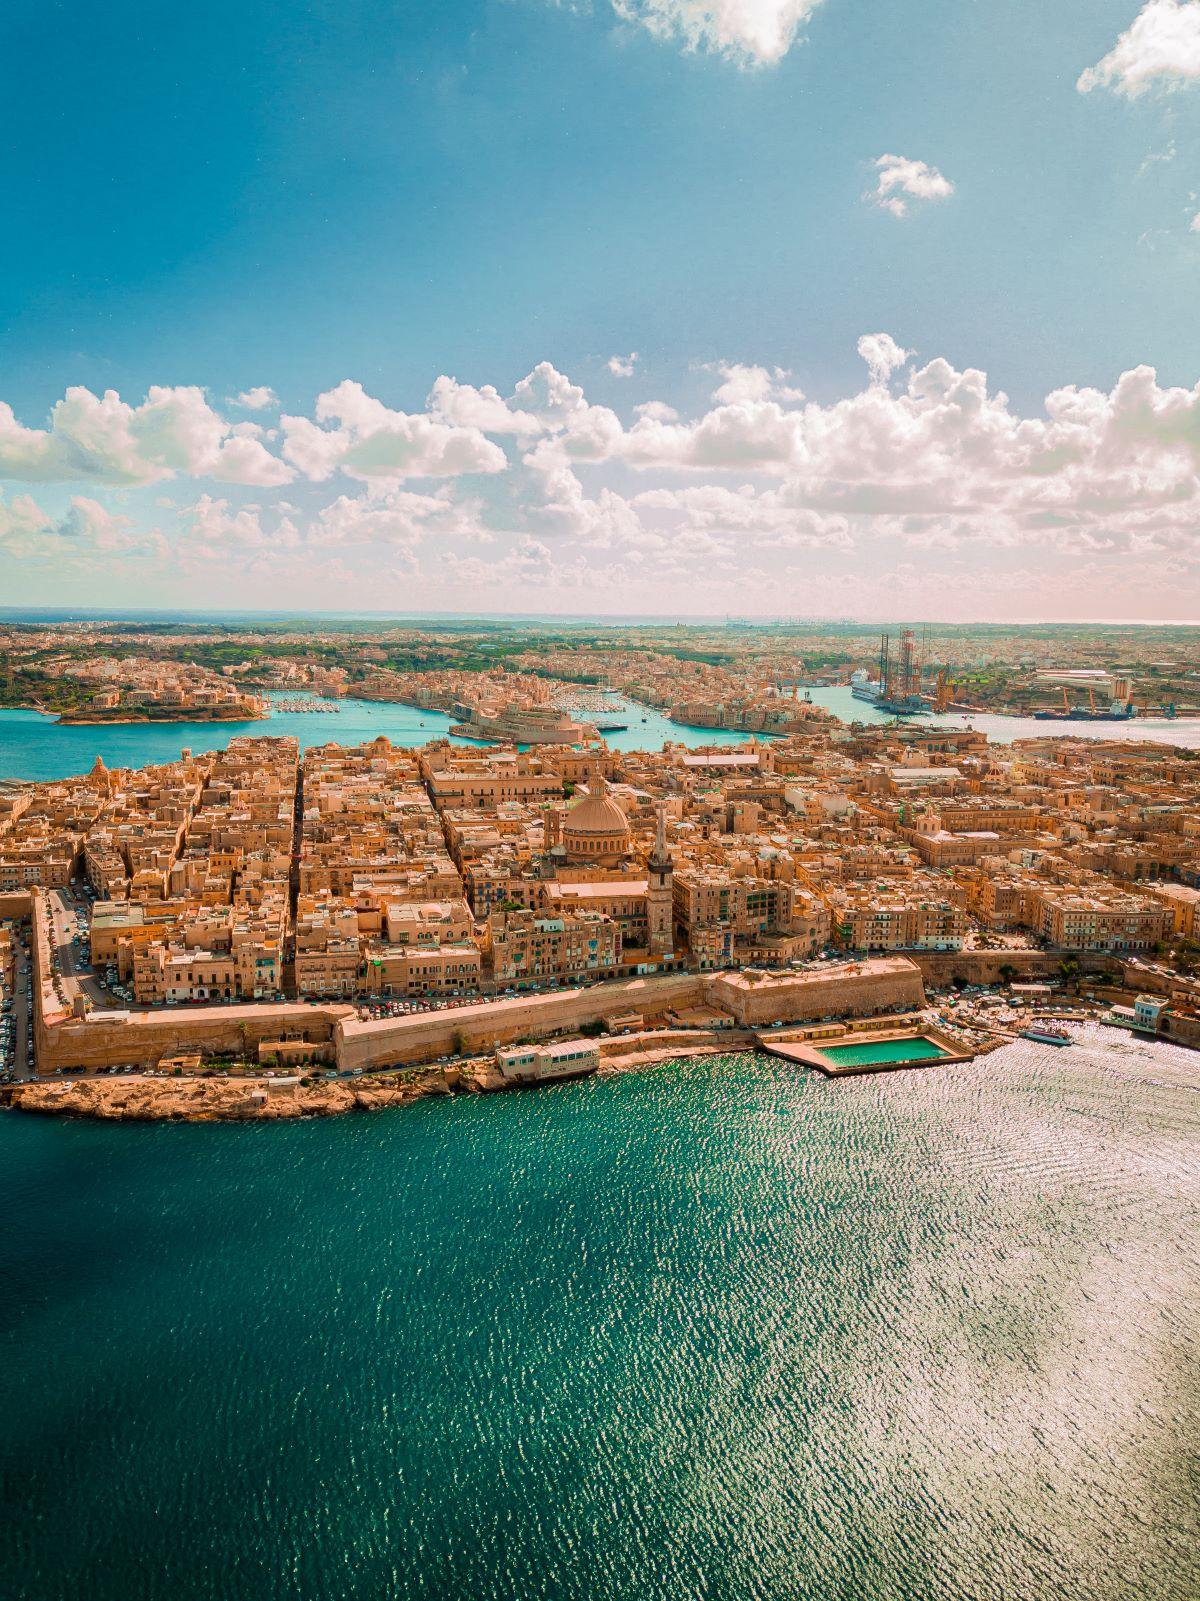 Malta - aerial